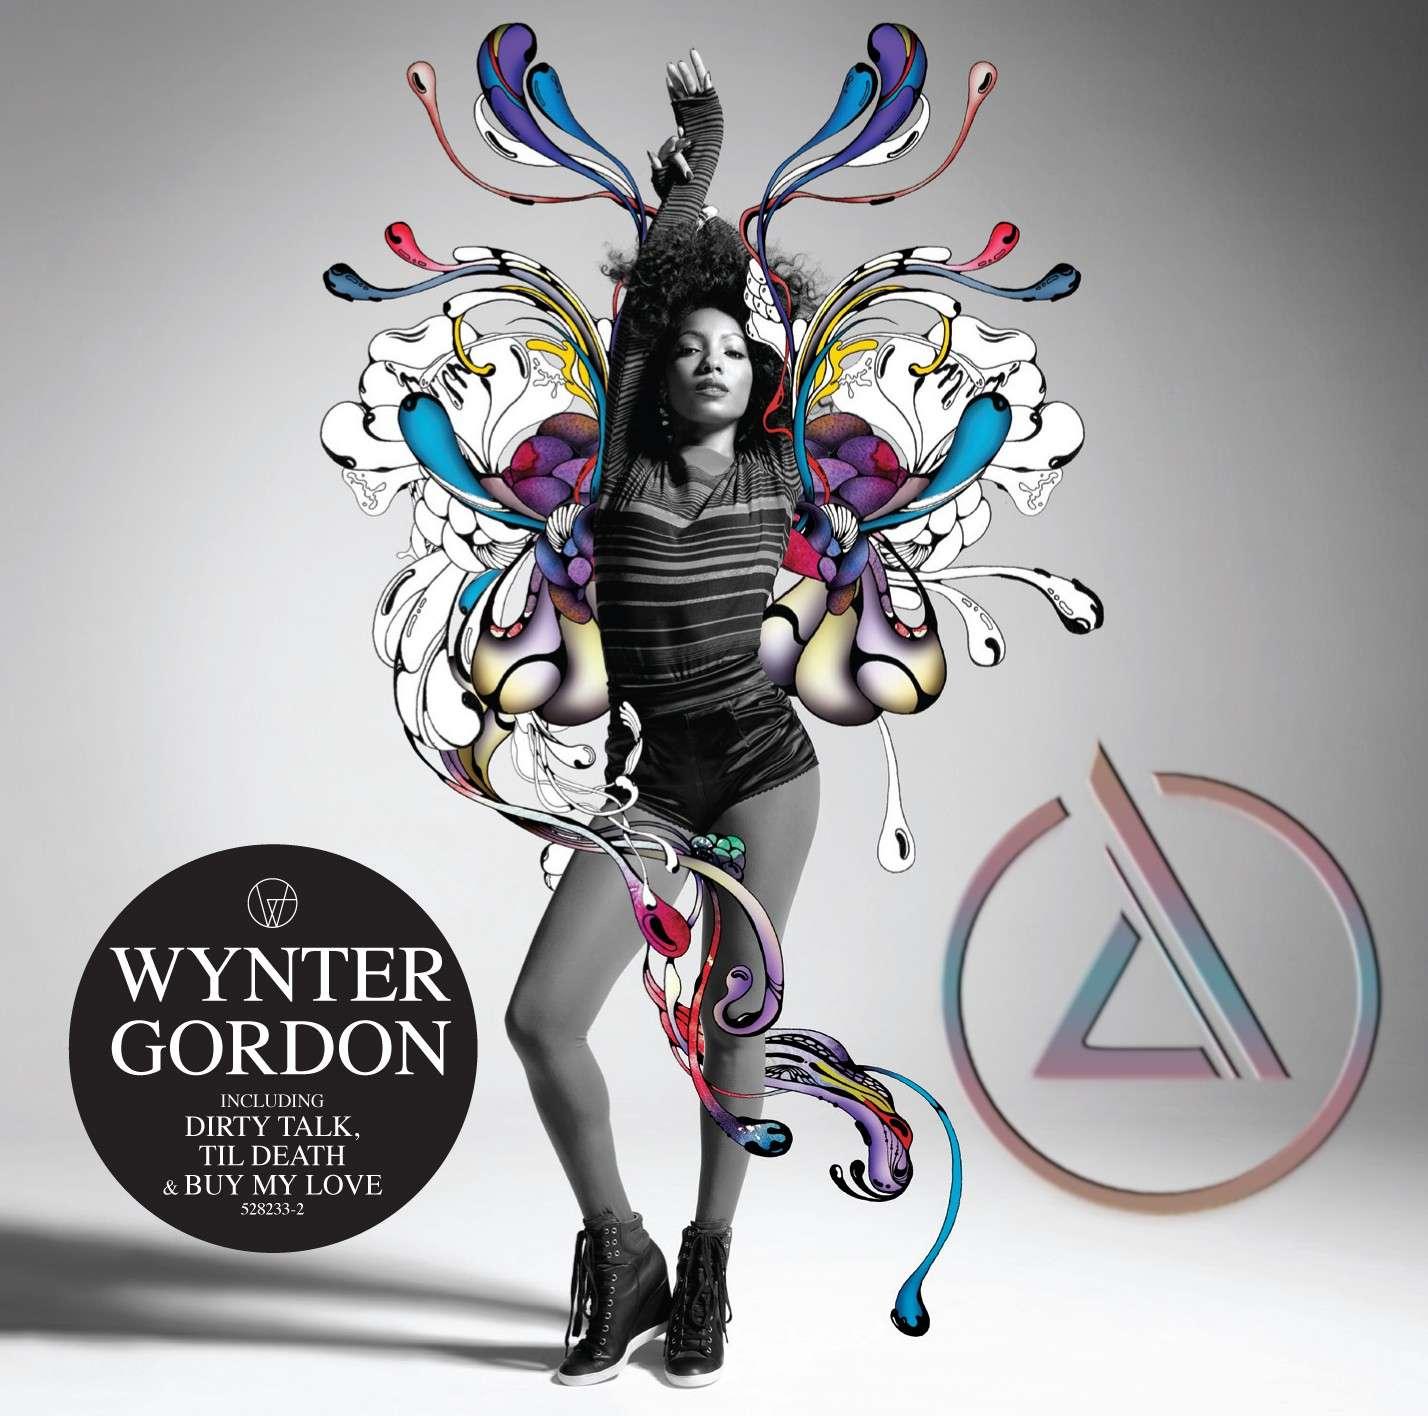 Wynter Gordon – With The Music I Die (Album)